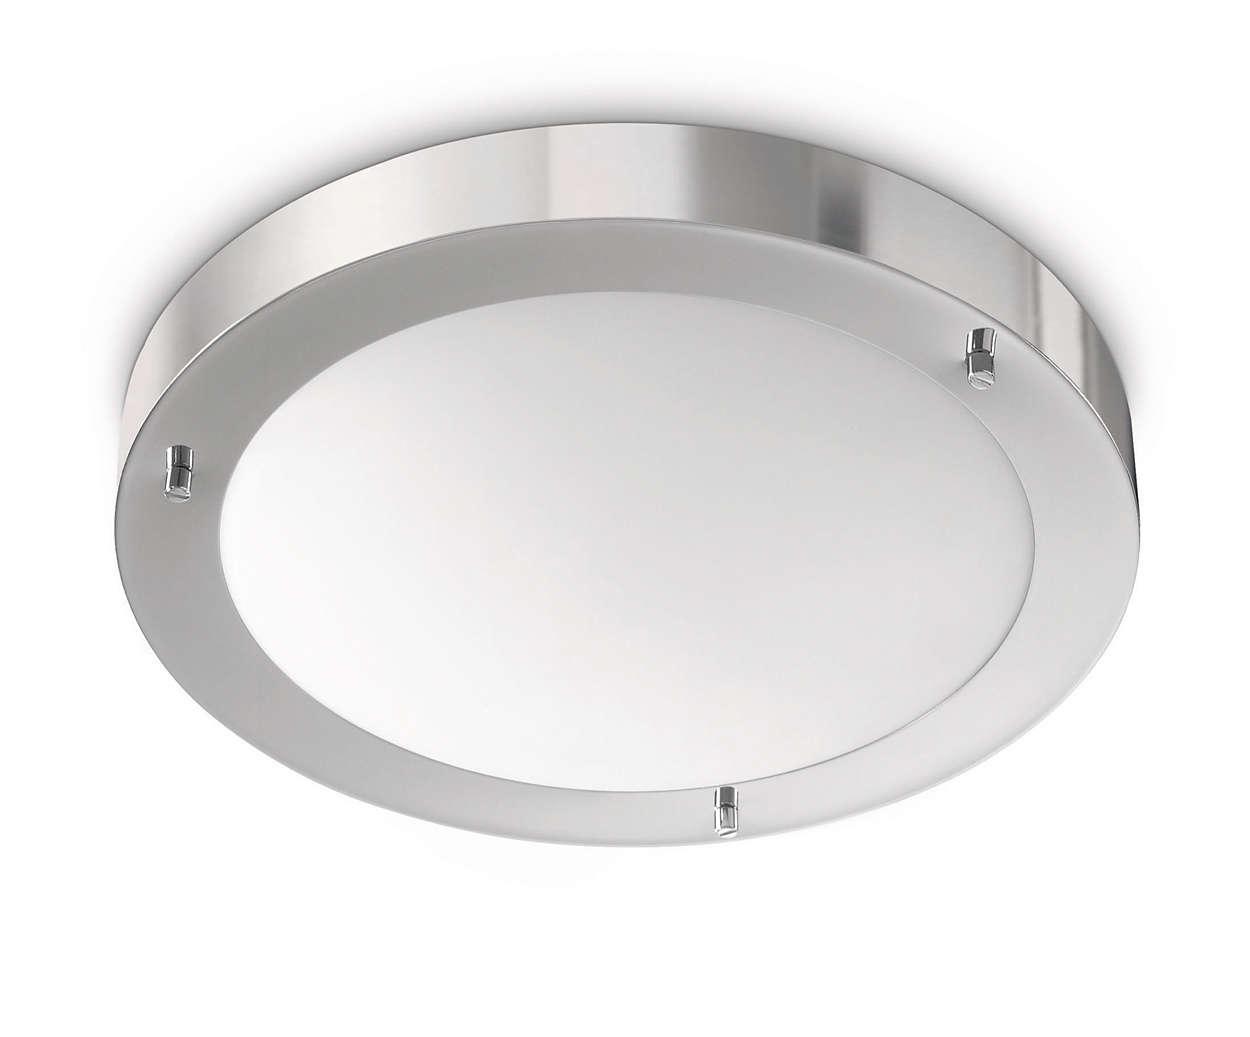 ceiling light 320101116 philips. Black Bedroom Furniture Sets. Home Design Ideas